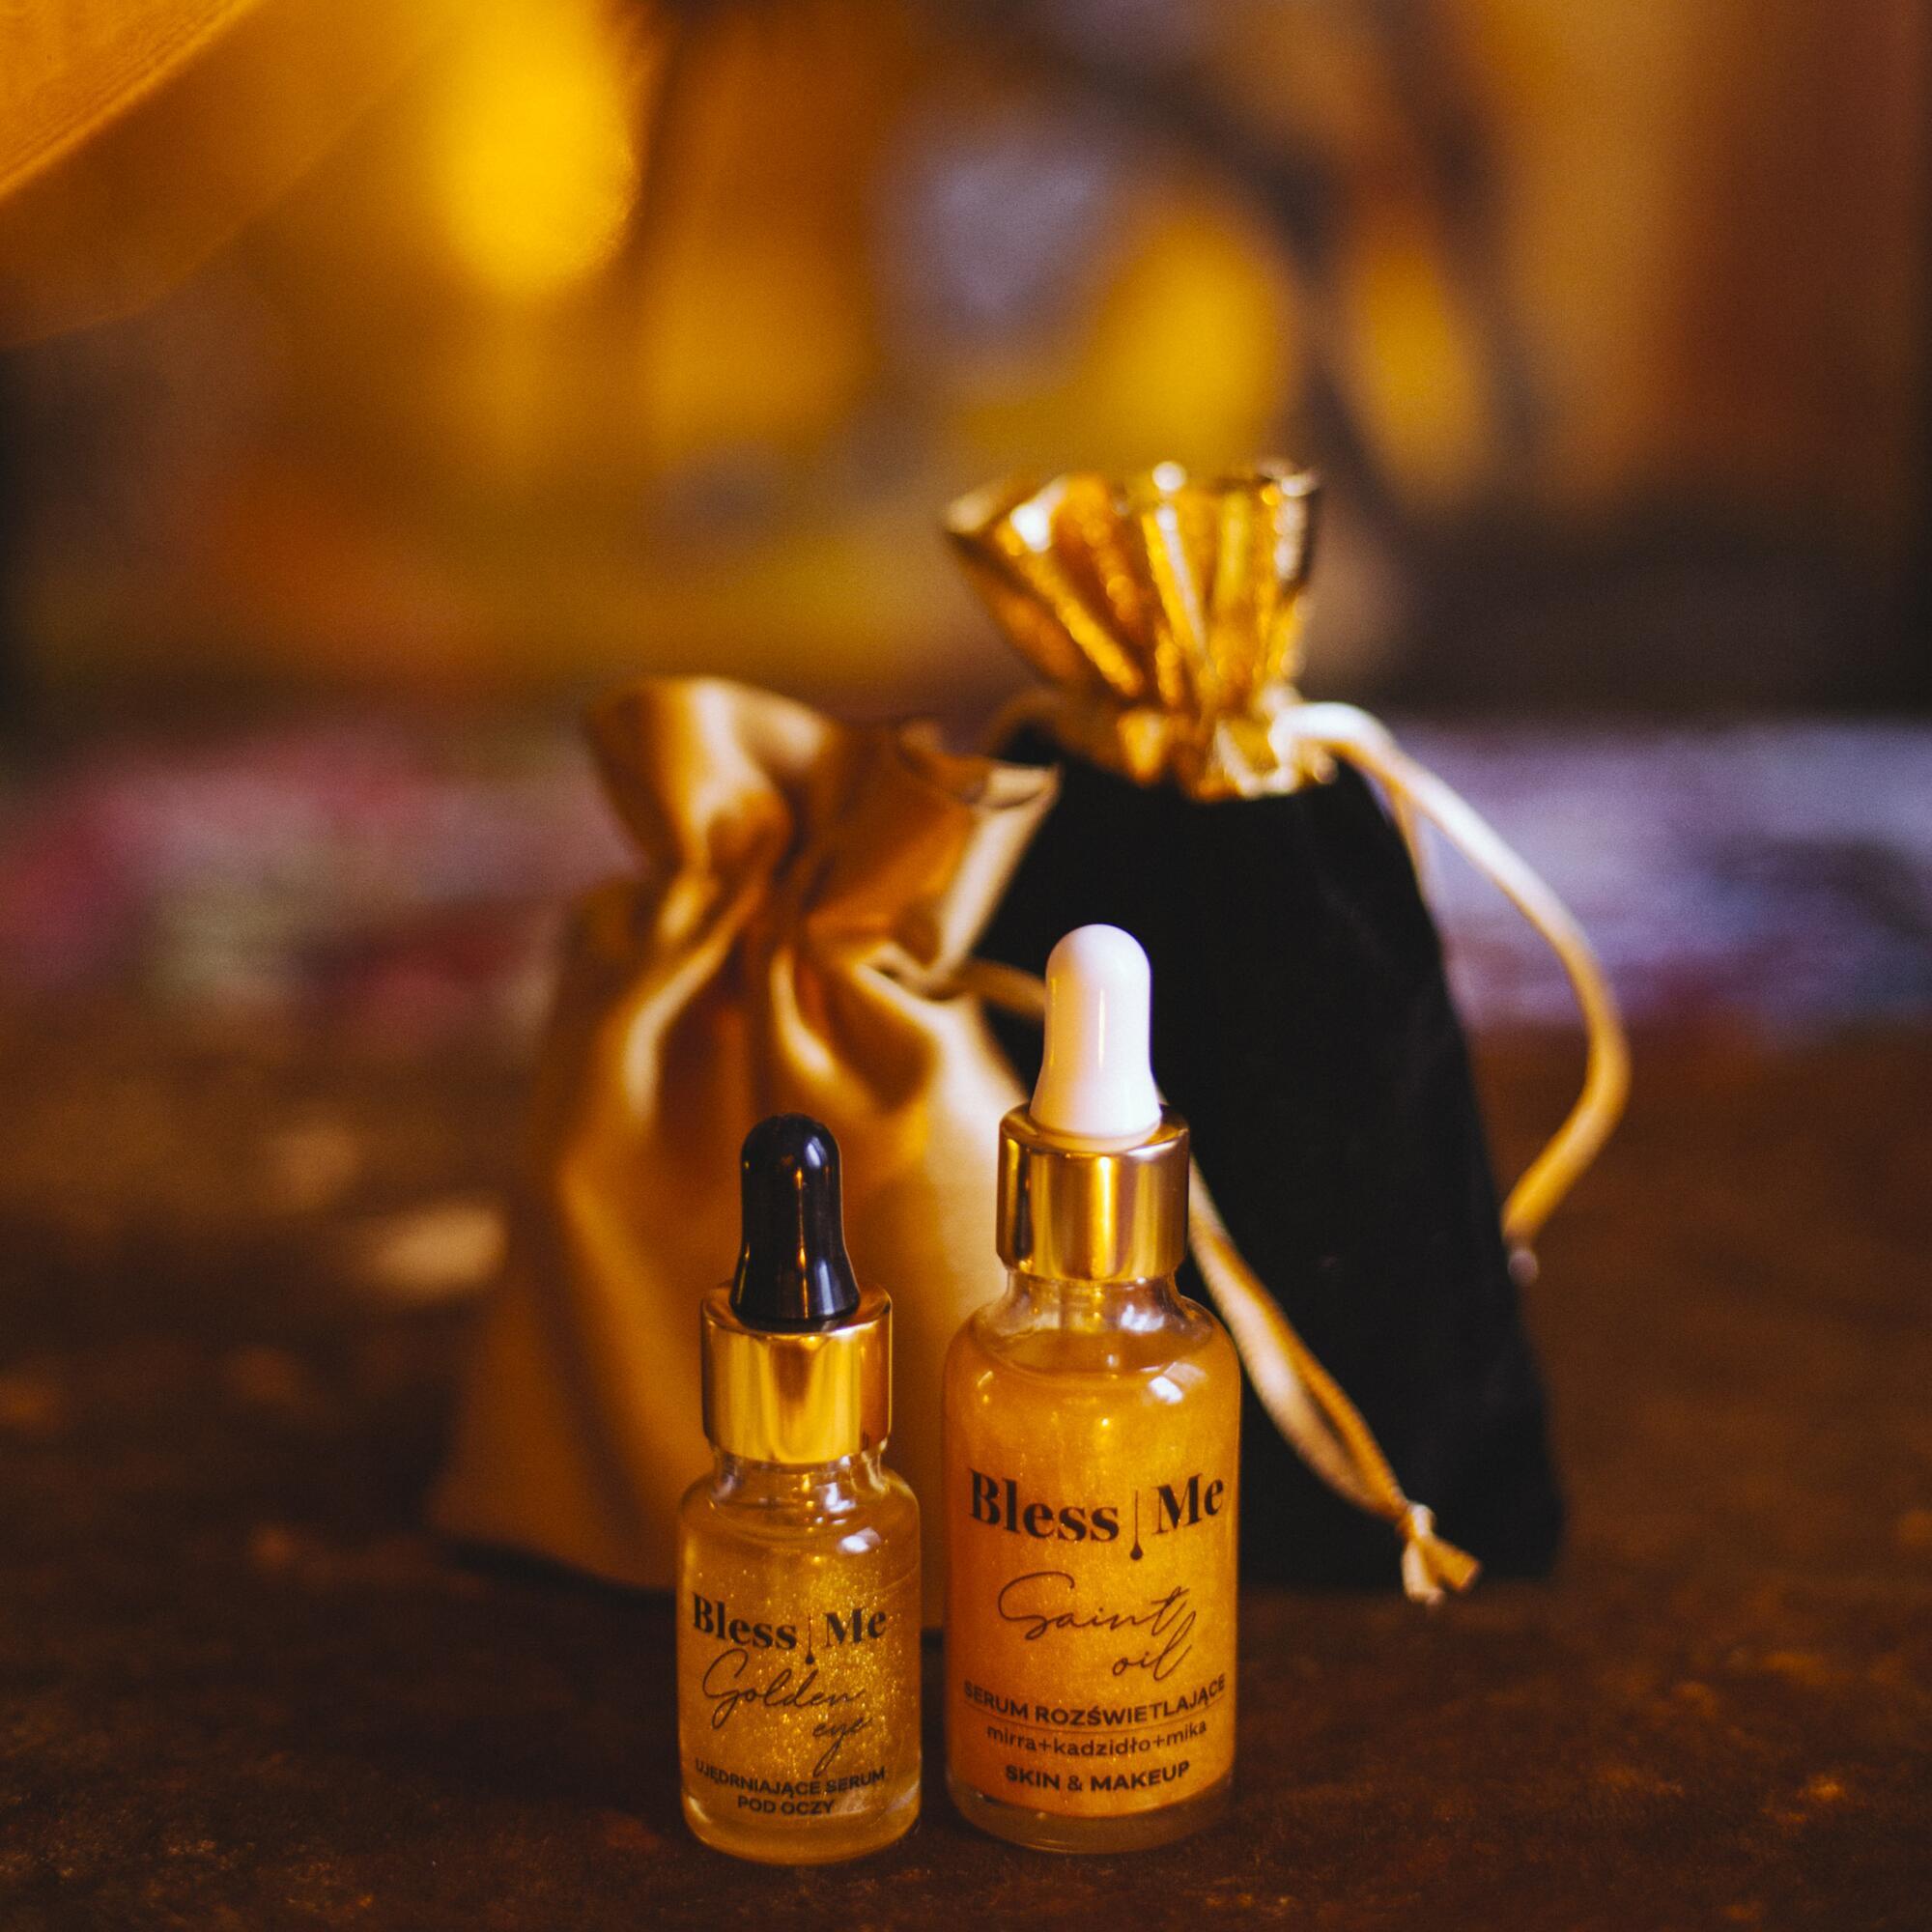 Zestaw: Serum Rozświetlające Saint Oil 30 ml SKIN & MAKE UP i Ujędrniające Serum Pod Oczy Golden Eye 10 ml - Bless Me Cosmetics   JestemSlow.pl